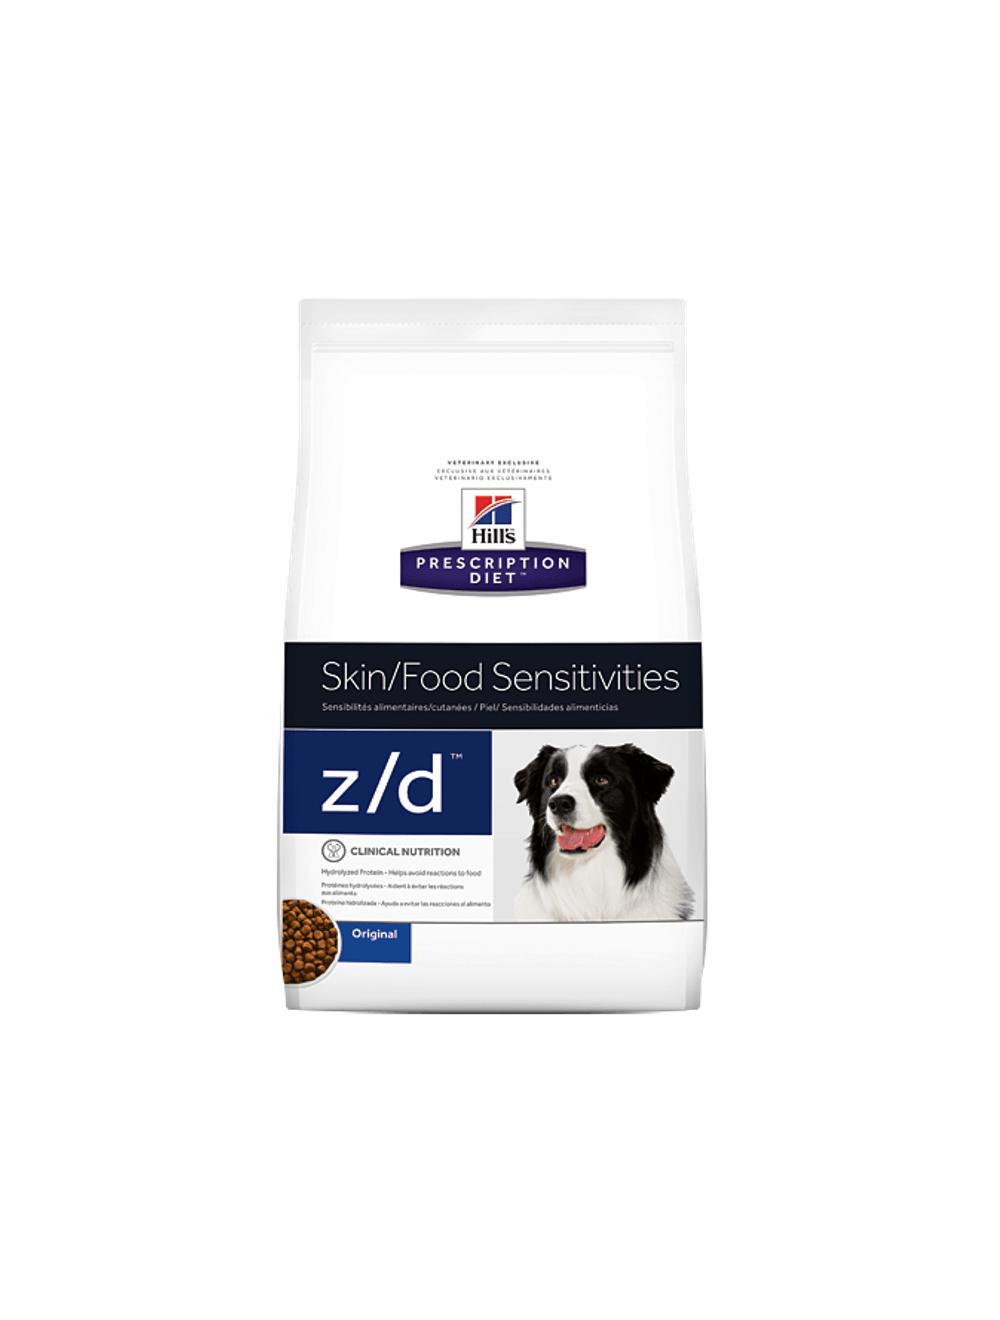 Comida Hill's Perro Z/D para Tu Mascota - ciudaddemascotas.com